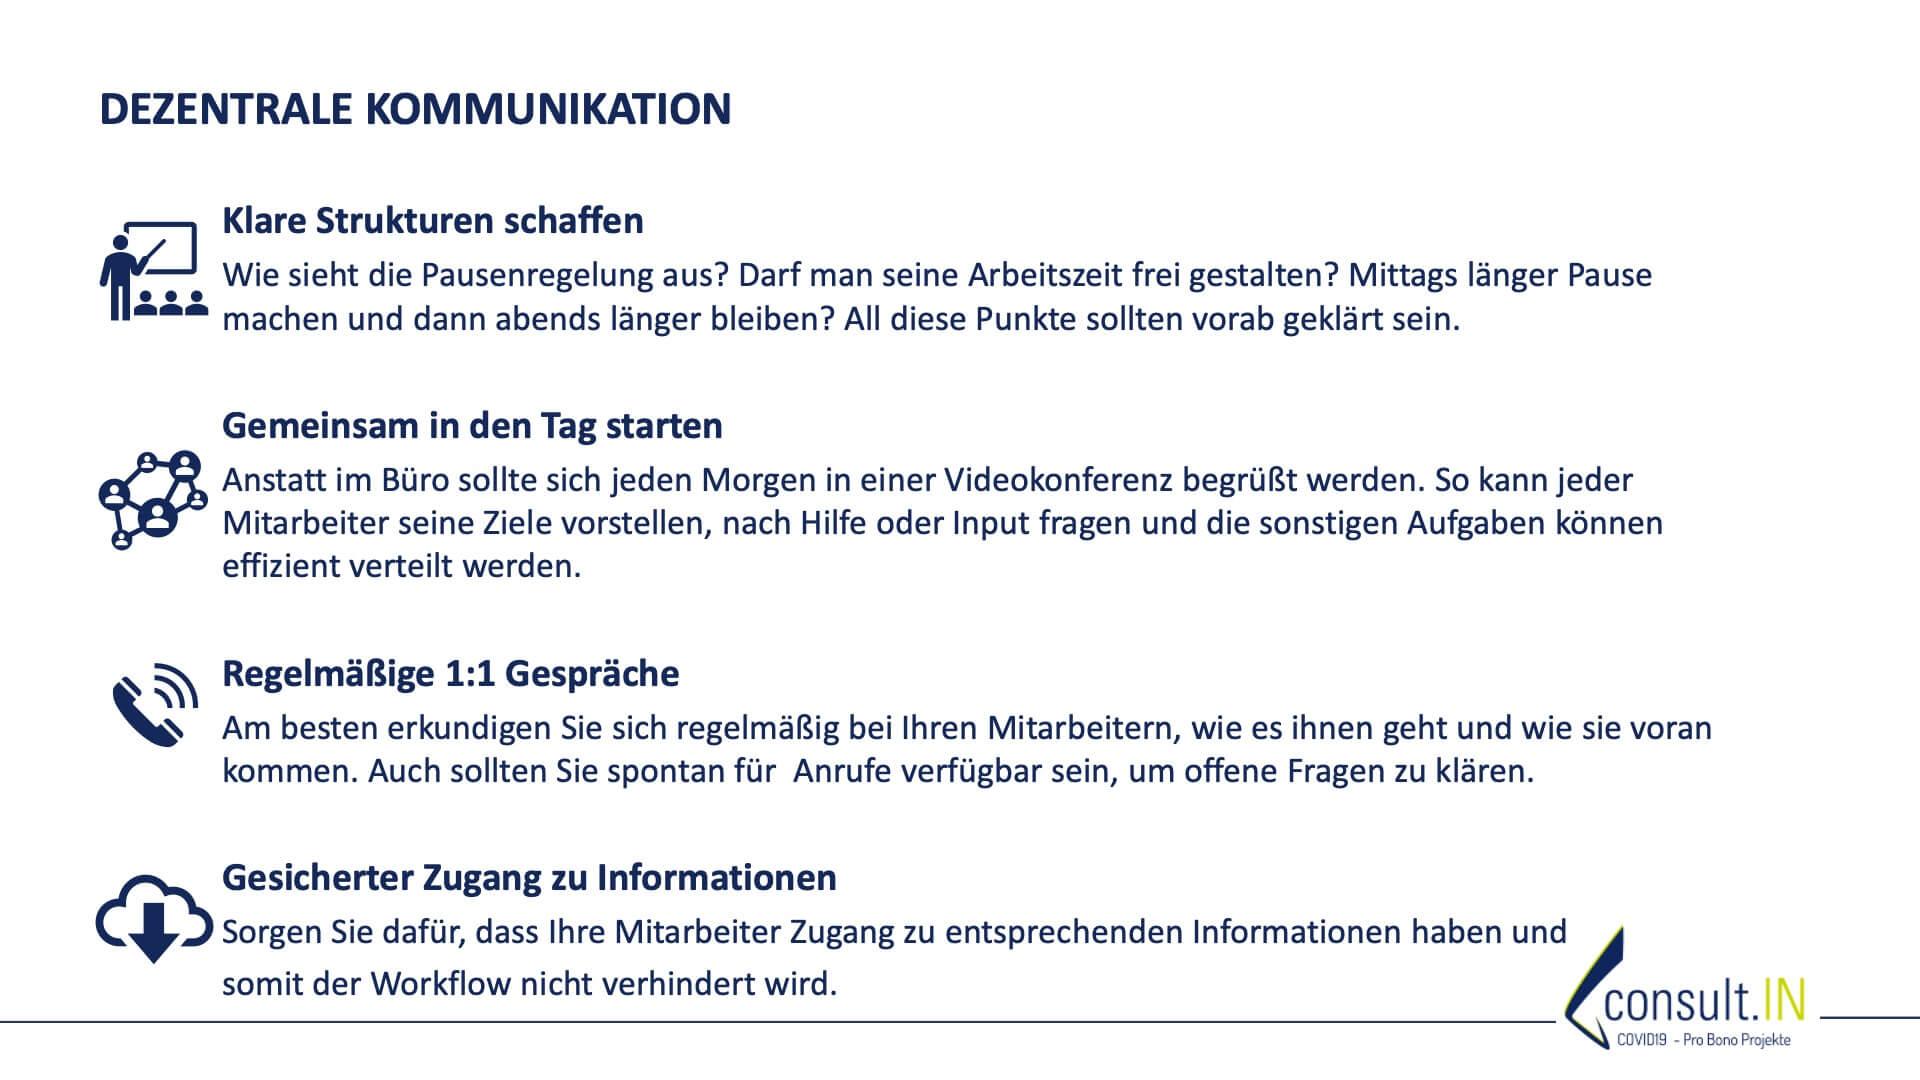 Dezentrale Kommunikation; Klare Strukturen, Gemeinsamer Start in den Tag, 1:1 Gespräche, Gesicherter Informationszugang